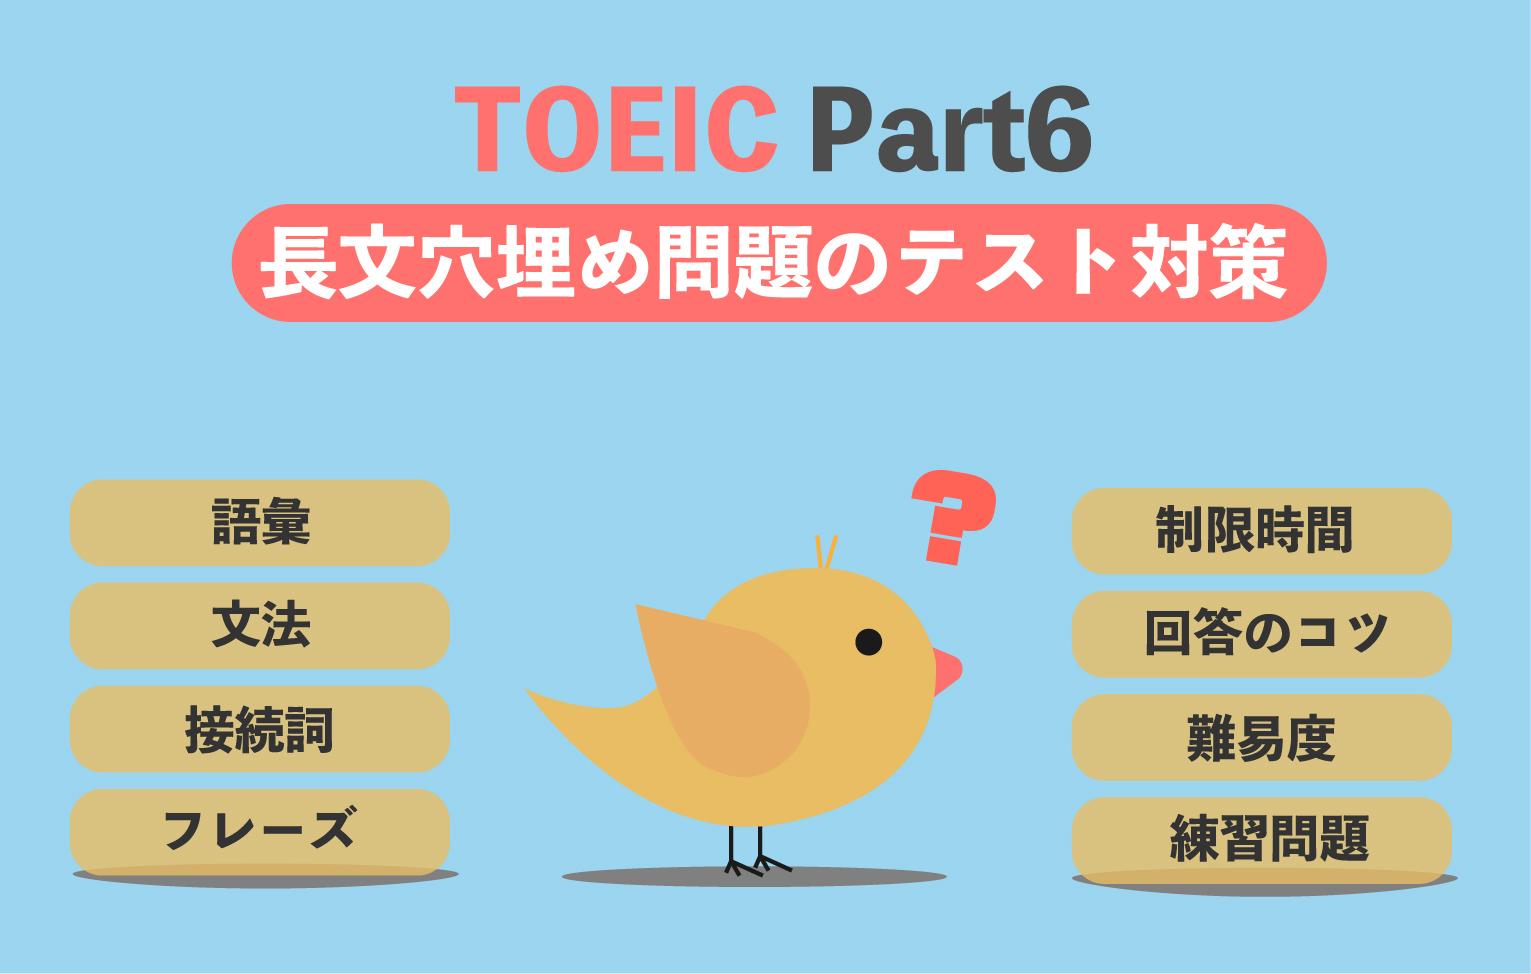 TOEIC Part6 対策と勉強法【解き方のコツを知って苦手意識を無くしましょう】